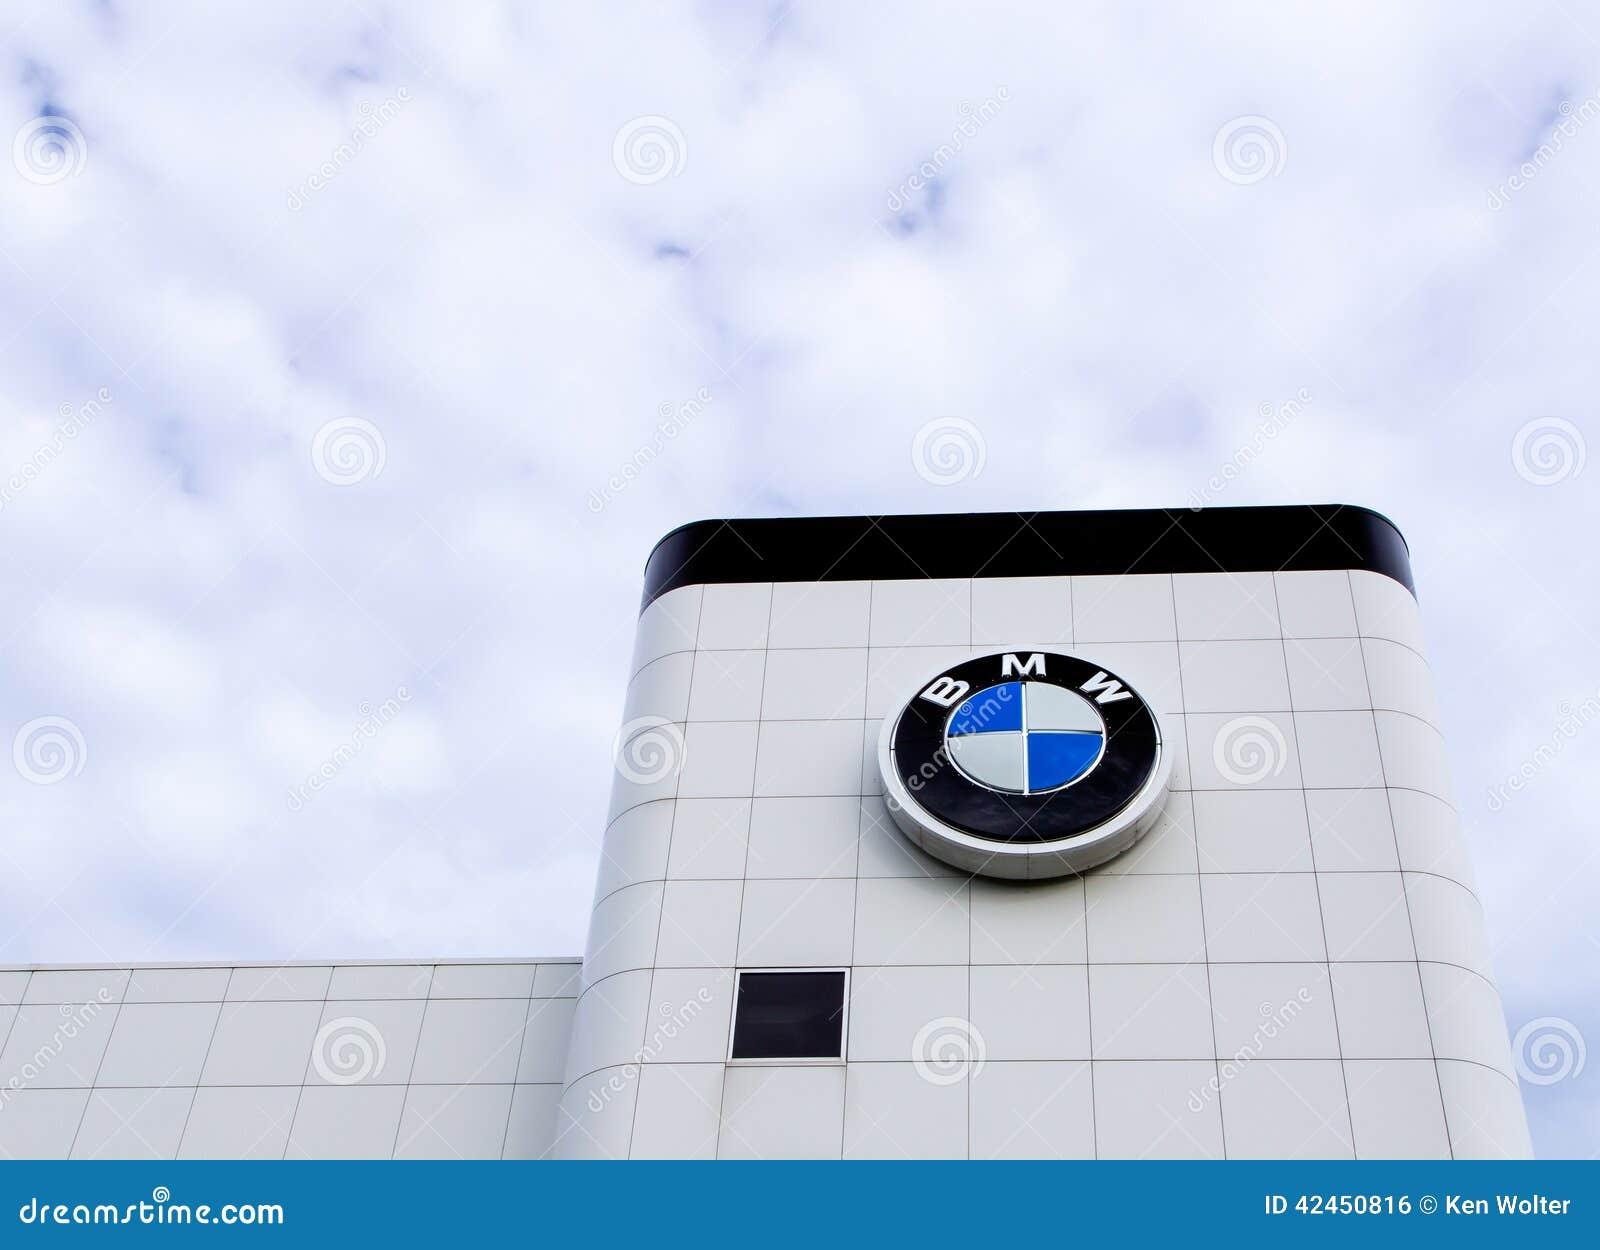 BMW-Automobil-Verkaufsstelle-Äußeres